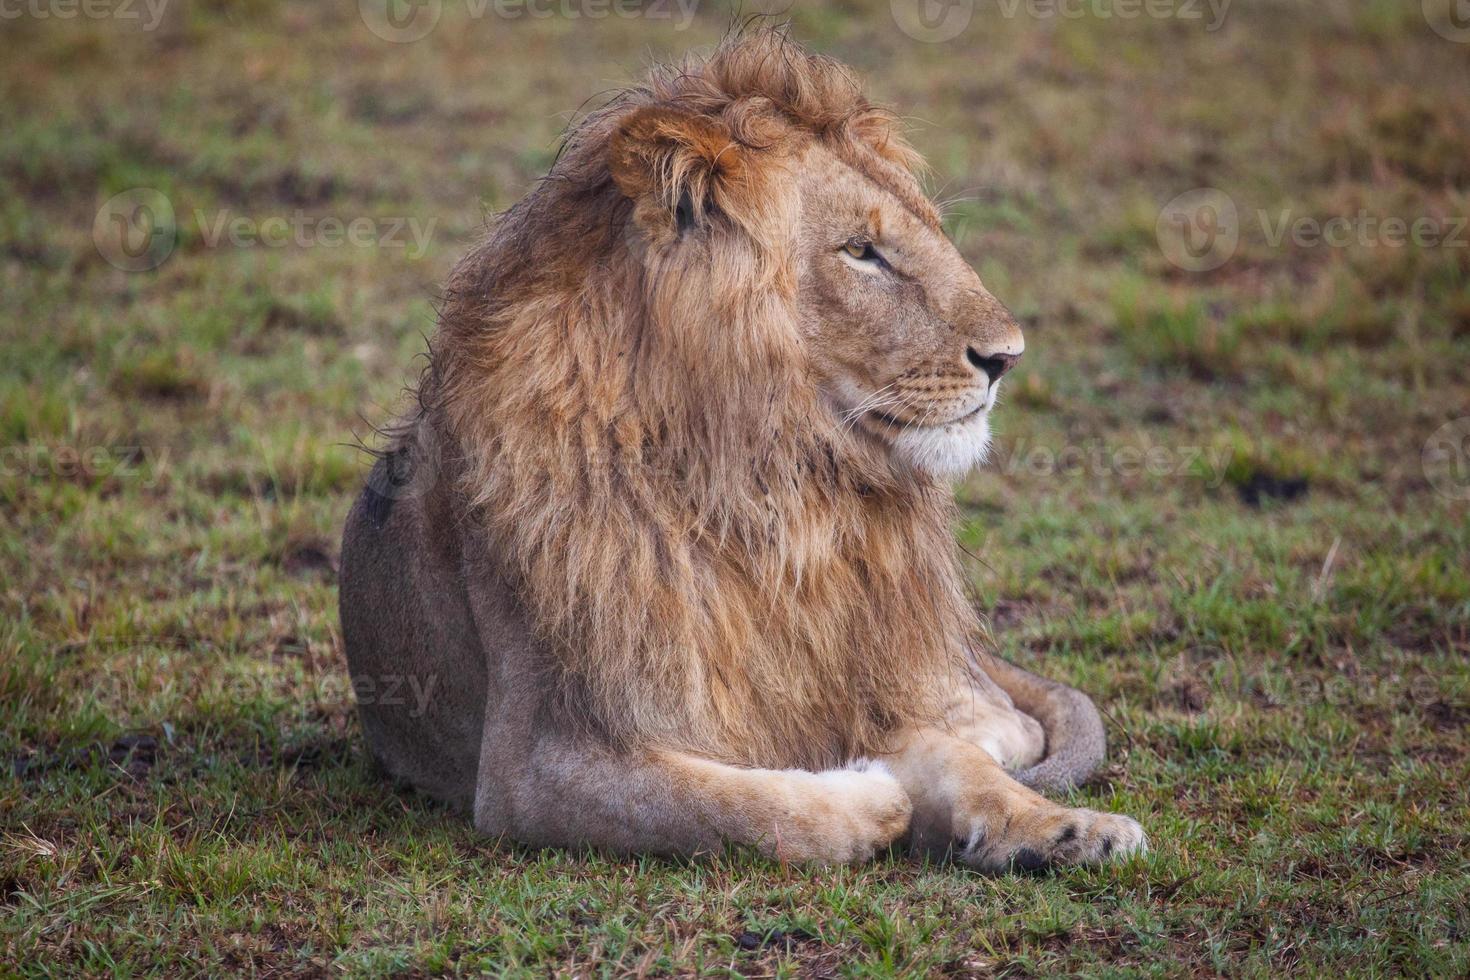 león tumbado en la hierba verde foto